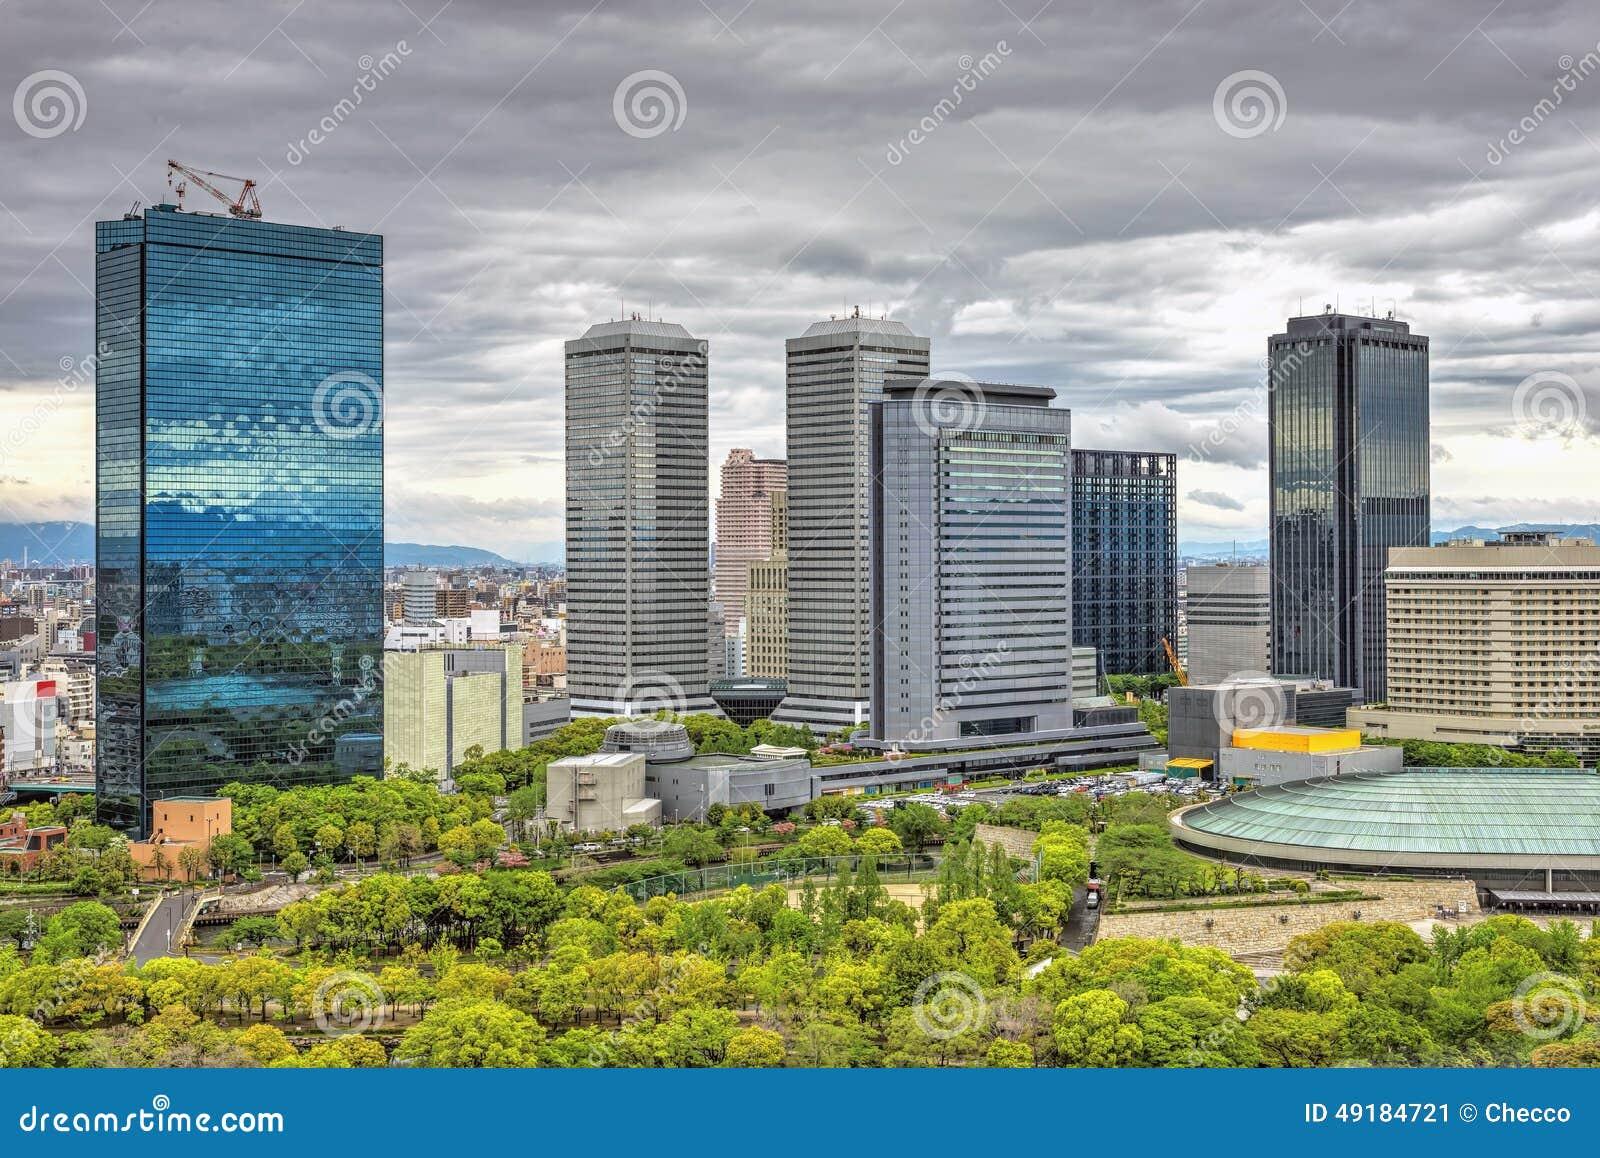 Osaka Business Park, Japan